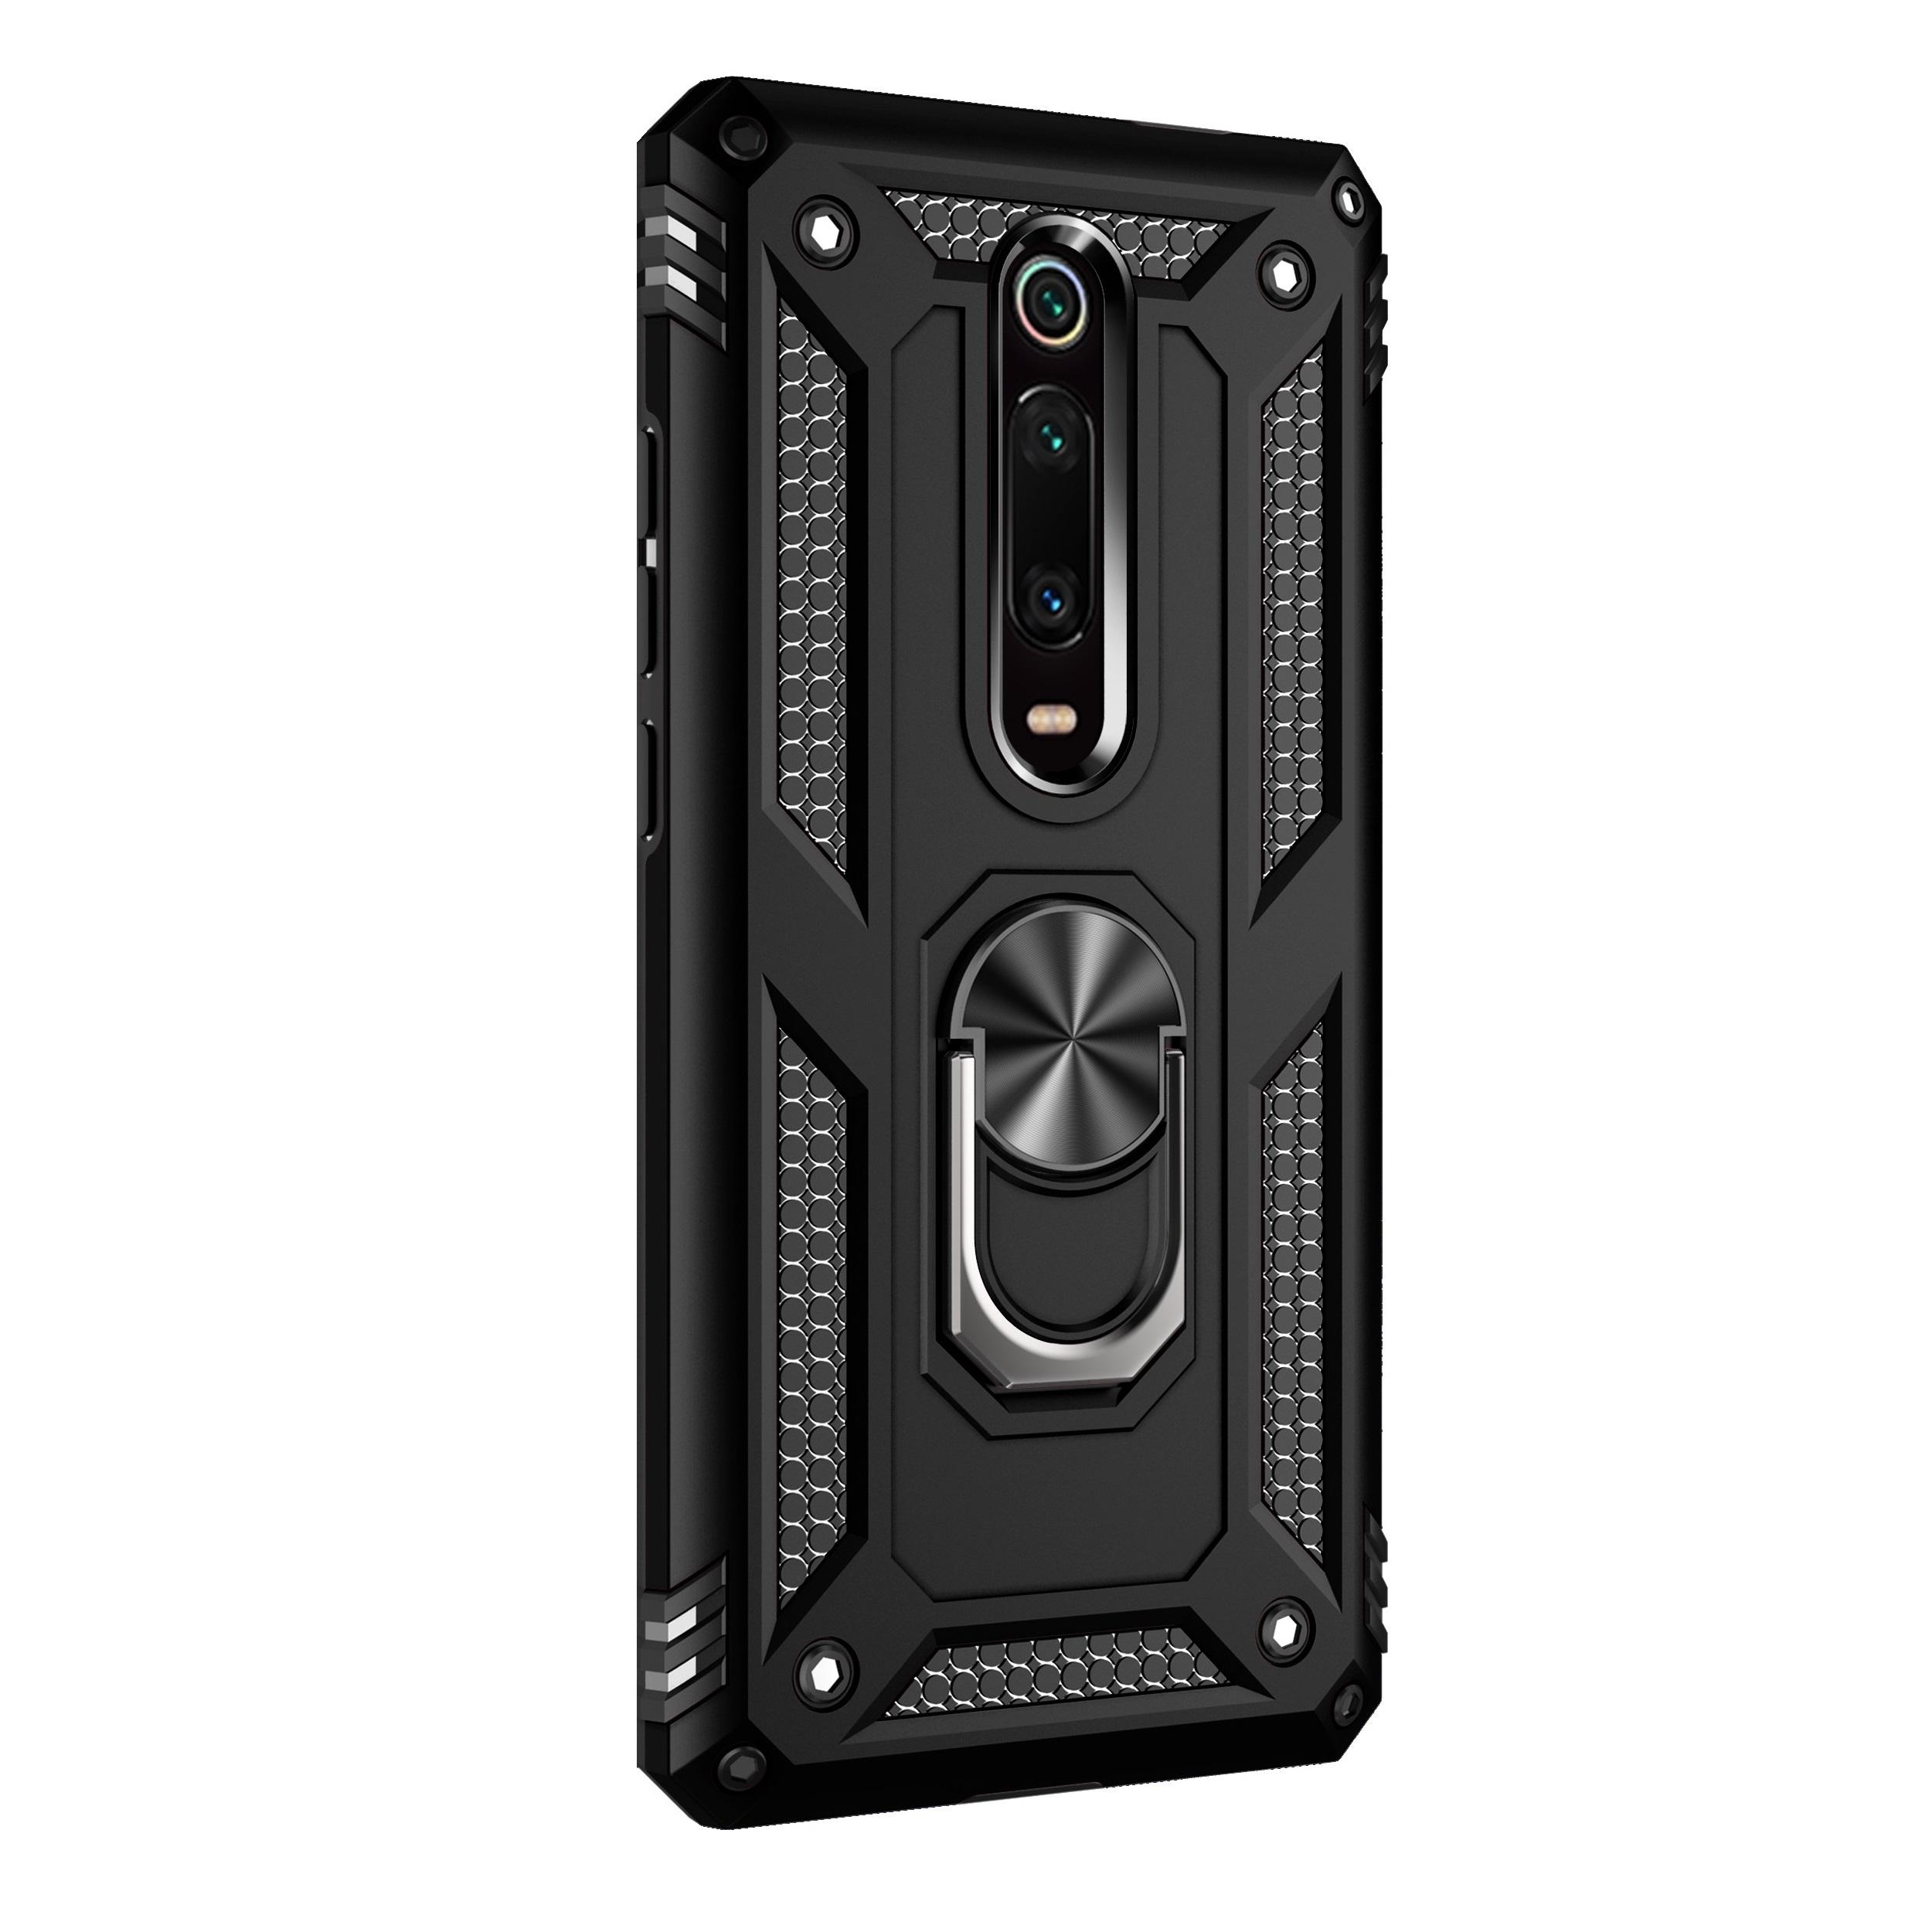 کاور آرمور مدل AR-2650 مناسب برای گوشی موبایل شیائومی Redmi K20 / Redmi K20 Pro / Mi 9t / Mi 9t pro